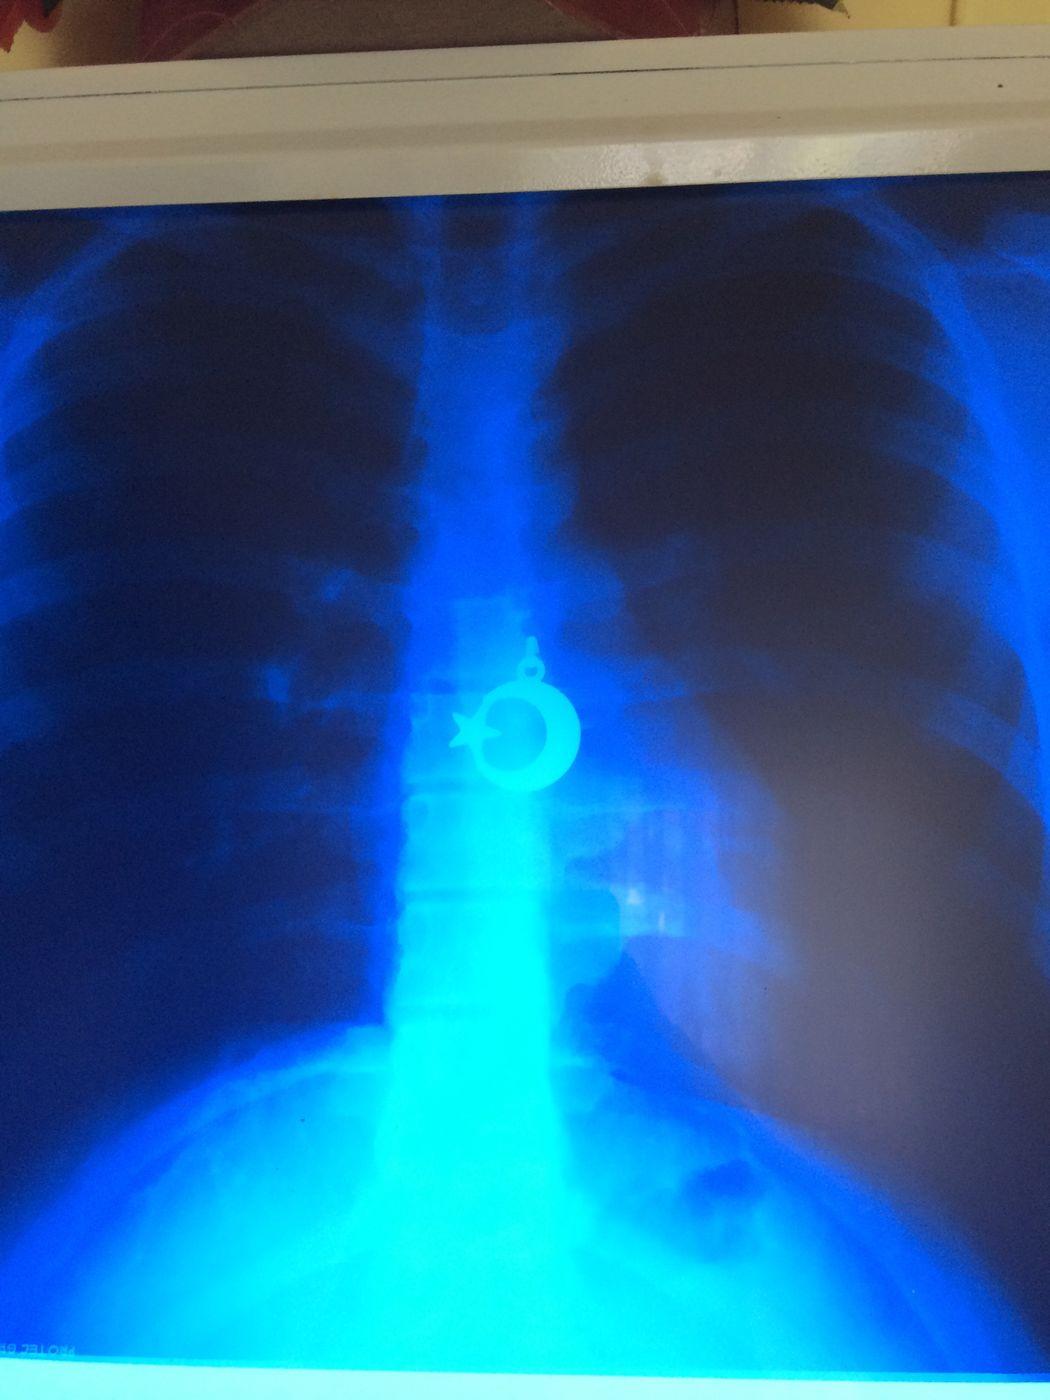 Akciğer Röntgen Yürek Ay Yıldız Good Hastane Turkey Kastamonu Arac EyeEm Gallery Interesting